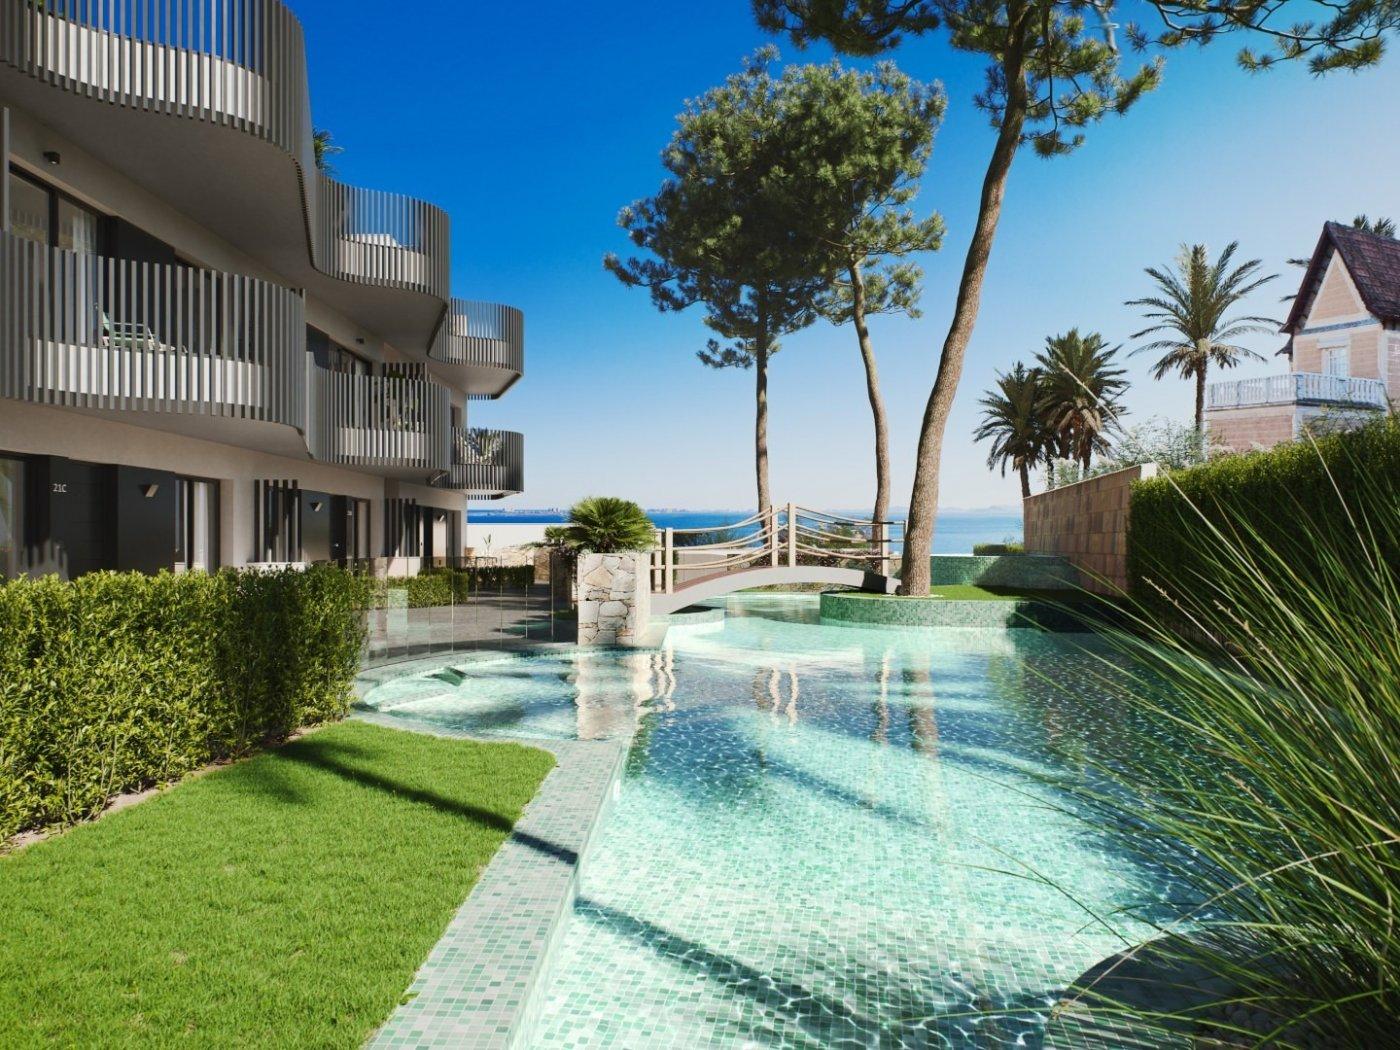 Apartamento - Nueva construcción  - San Pedro del Pinatar - Los Cuarteros